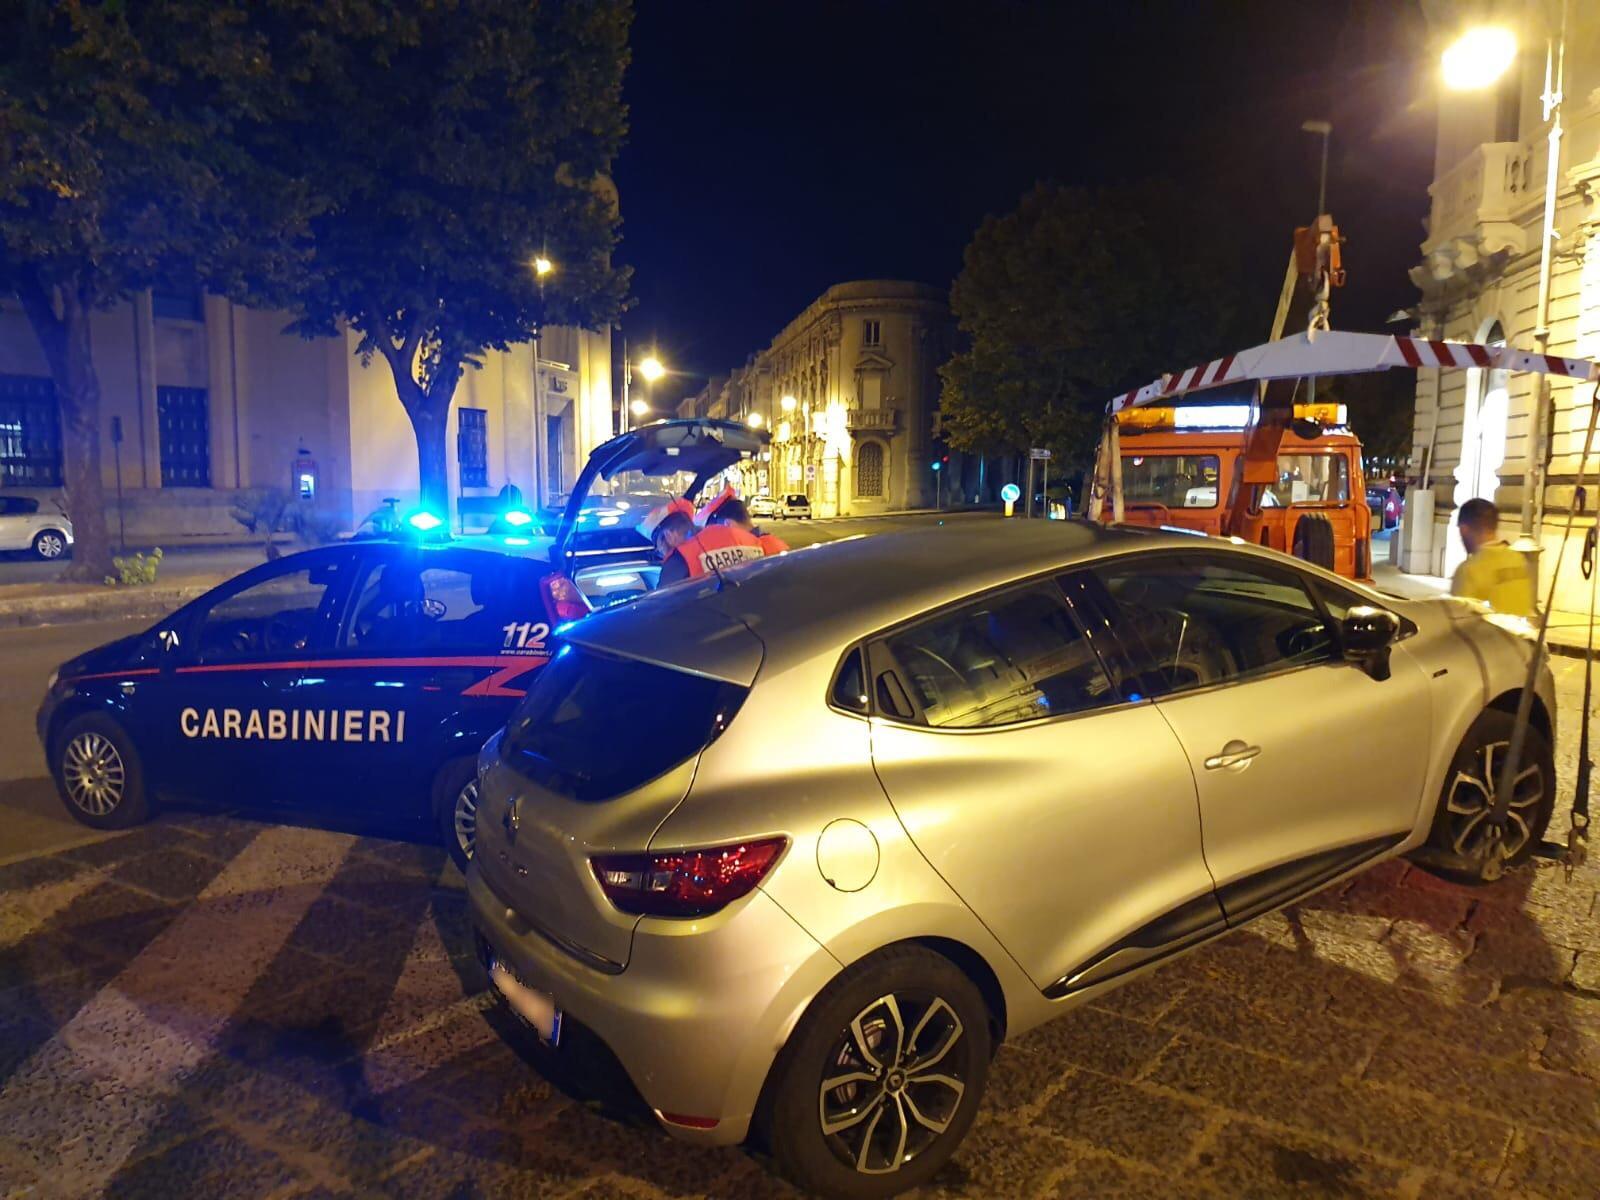 Movida violenta in tutta la Sicilia. Due giovani accoltellati a Trapani - Tp24